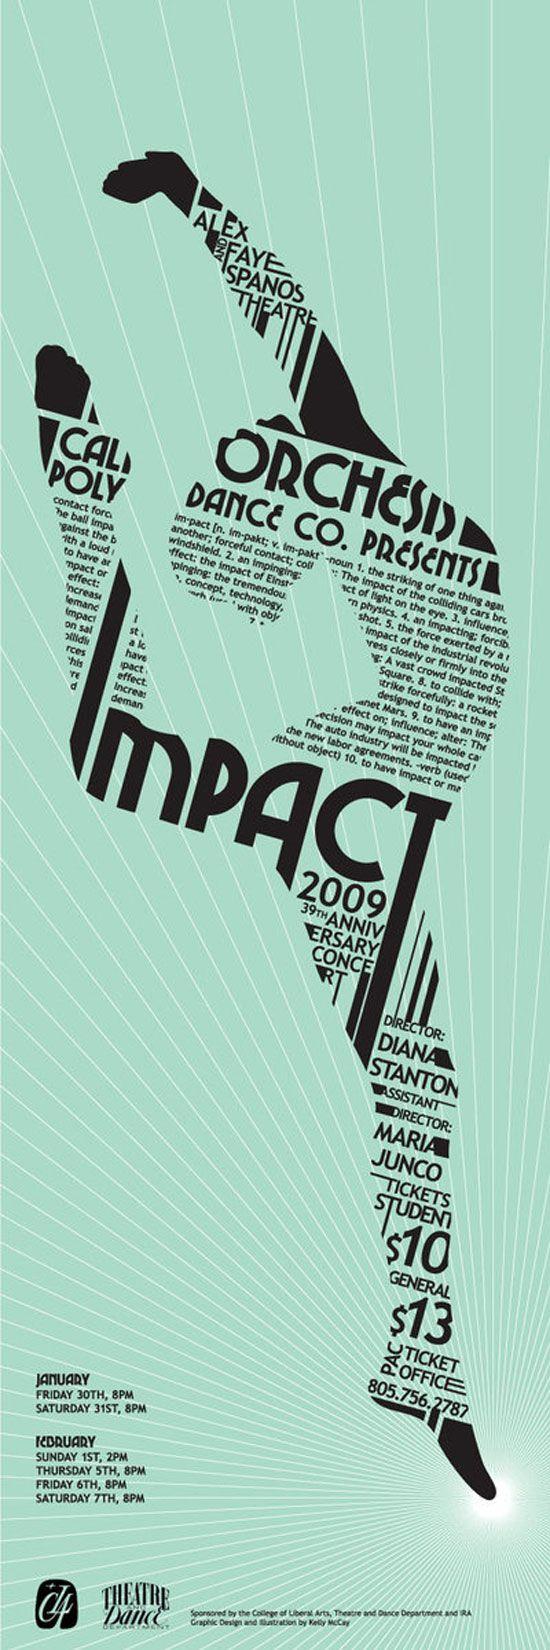 28 cartazes tipográficos para inspiração | Criatives | Blog Design, Inspirações, Tutoriais, Web Design